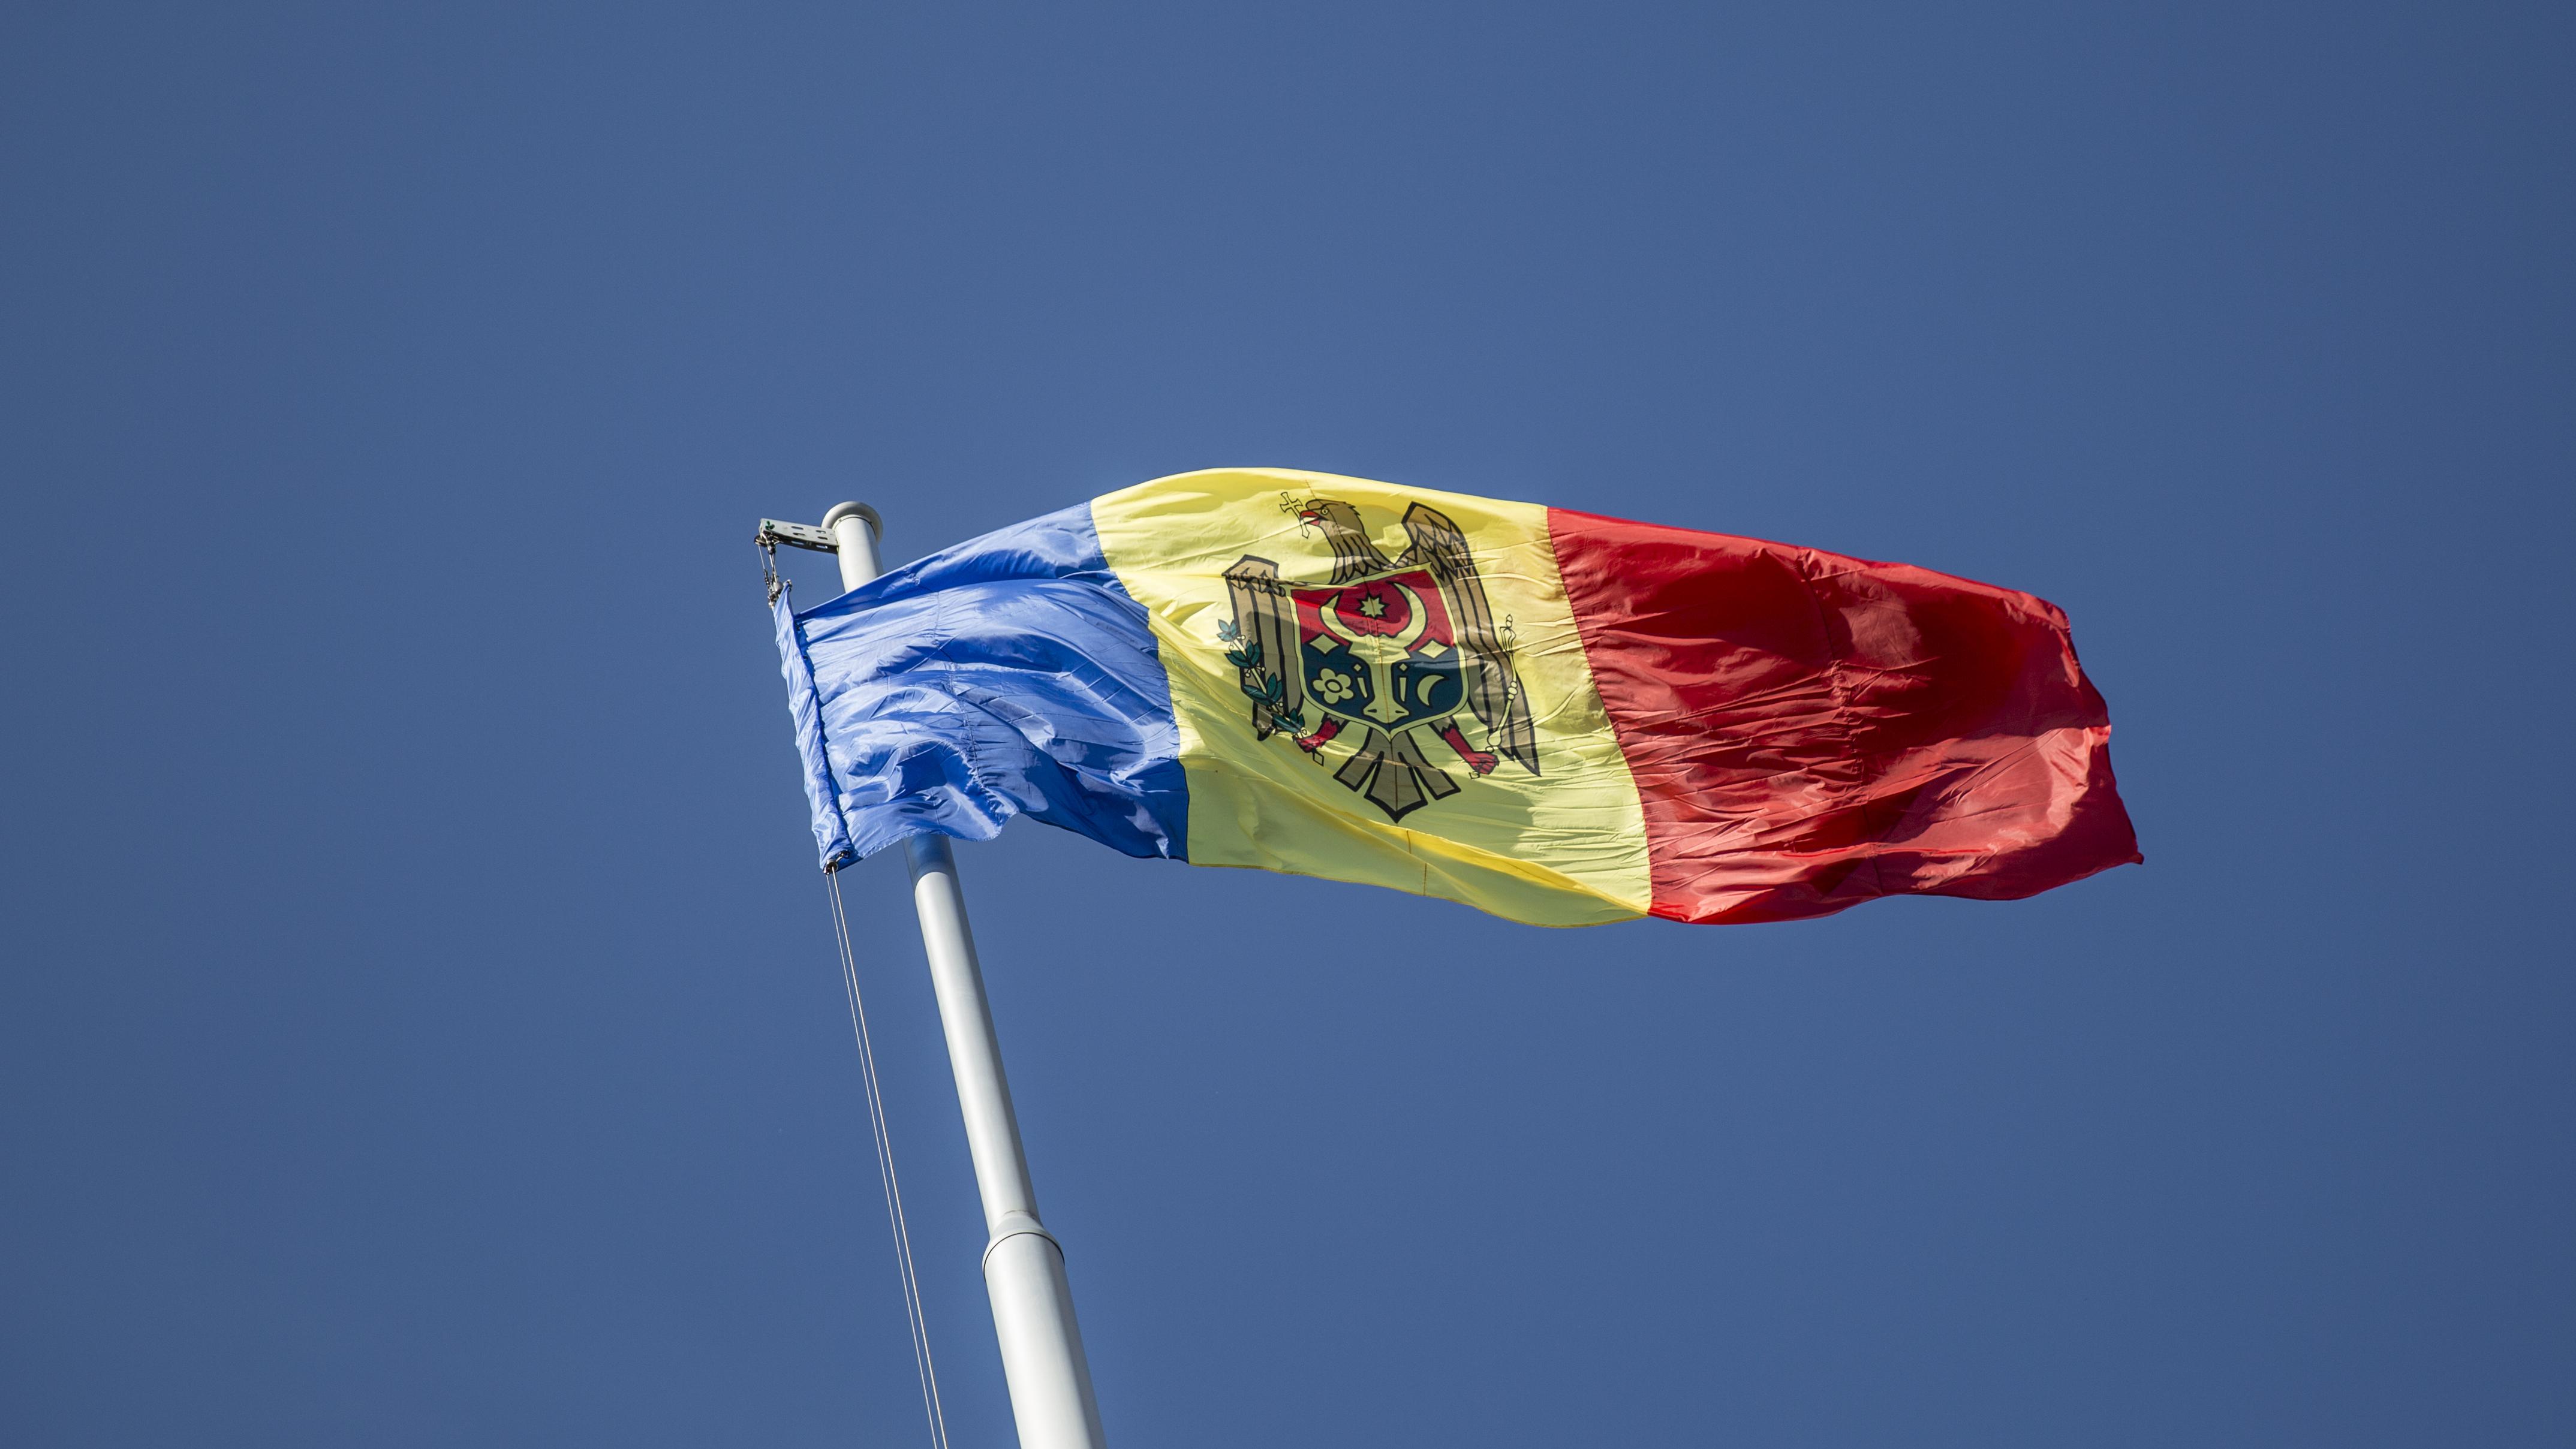 Alegerile din Găgăuzia vor influența politica internă de la Chișinău